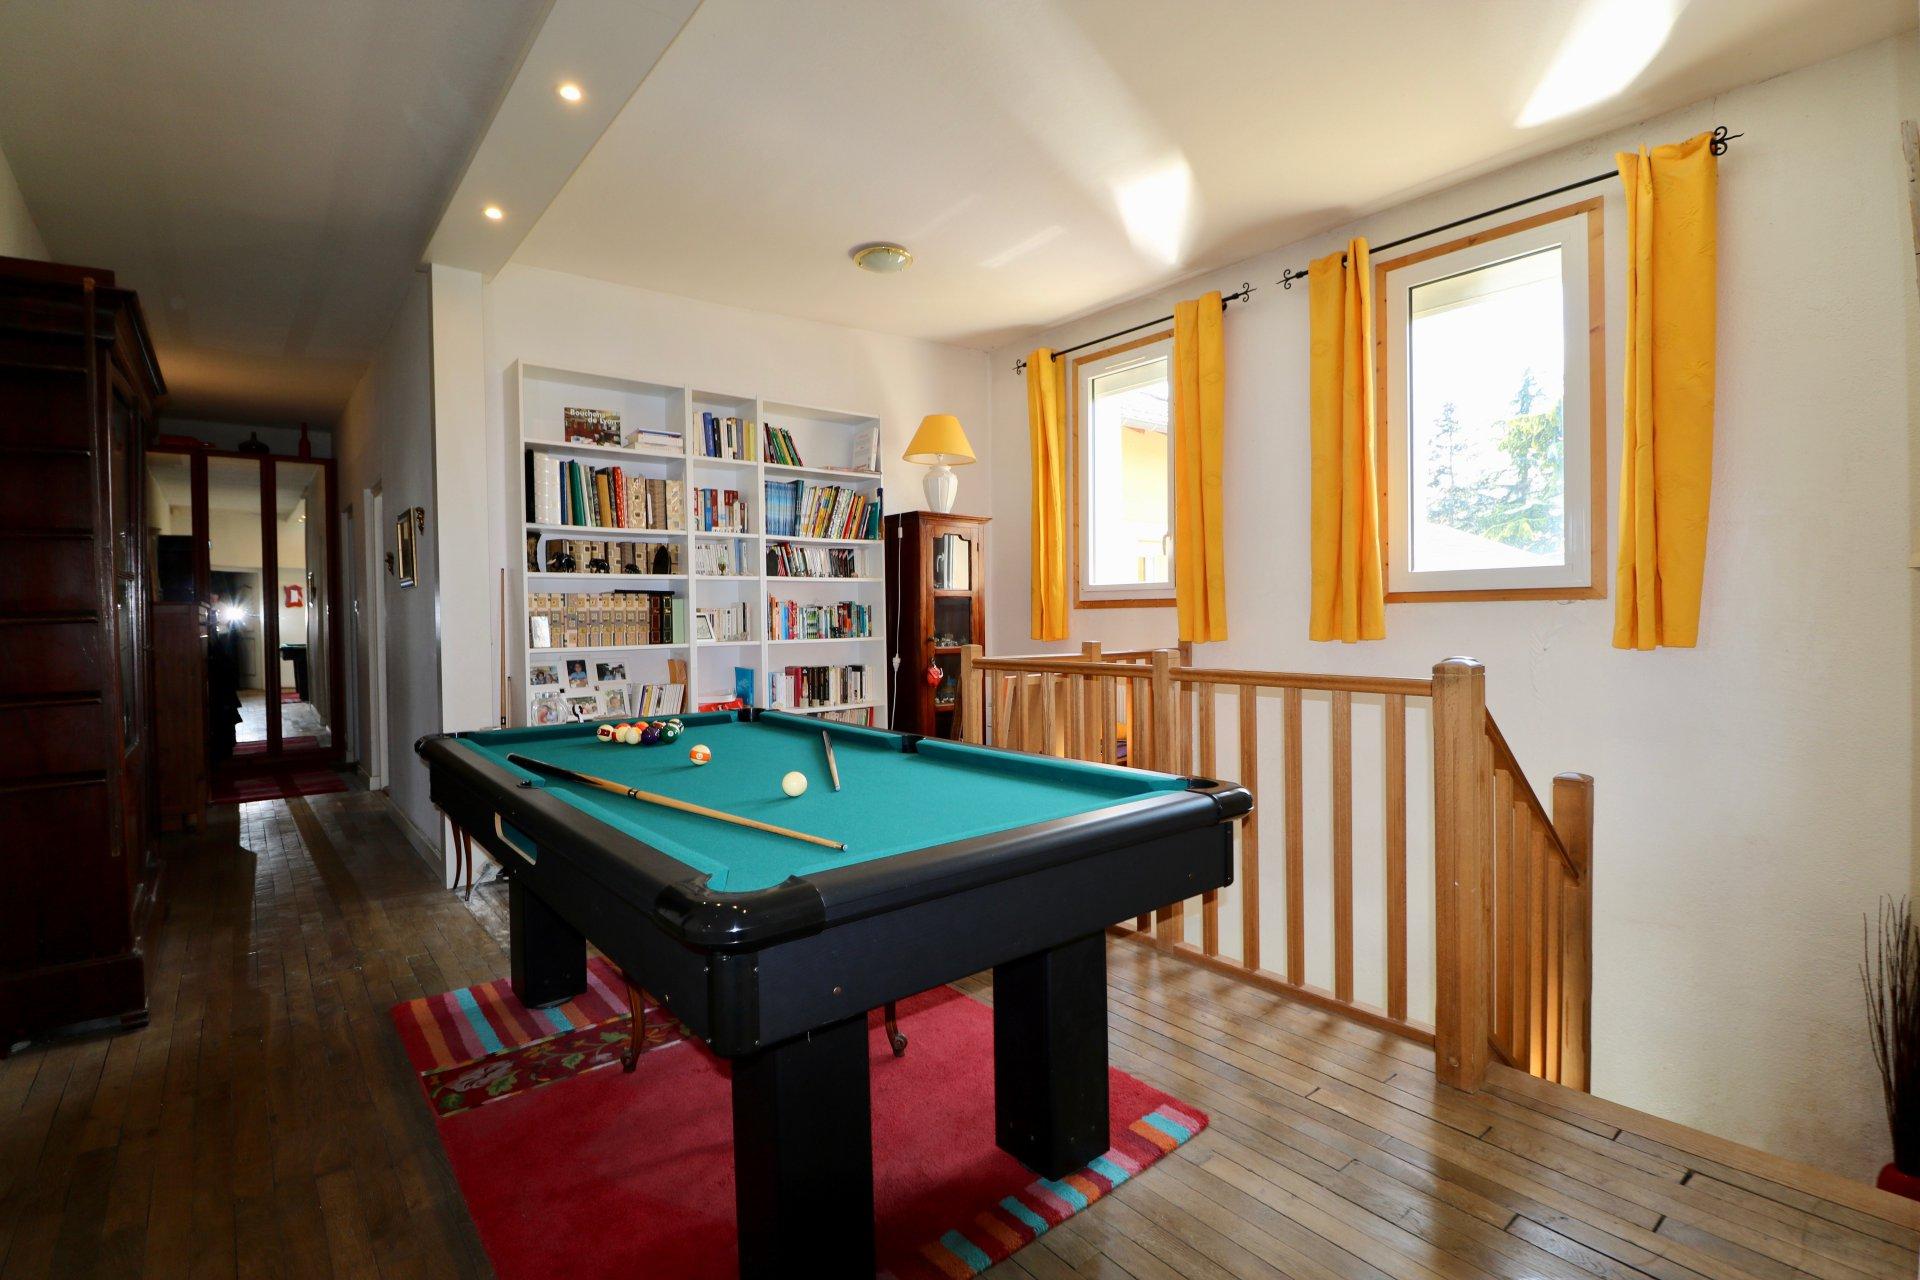 Maison 160m2 hab + garage sur terrain 1040m2